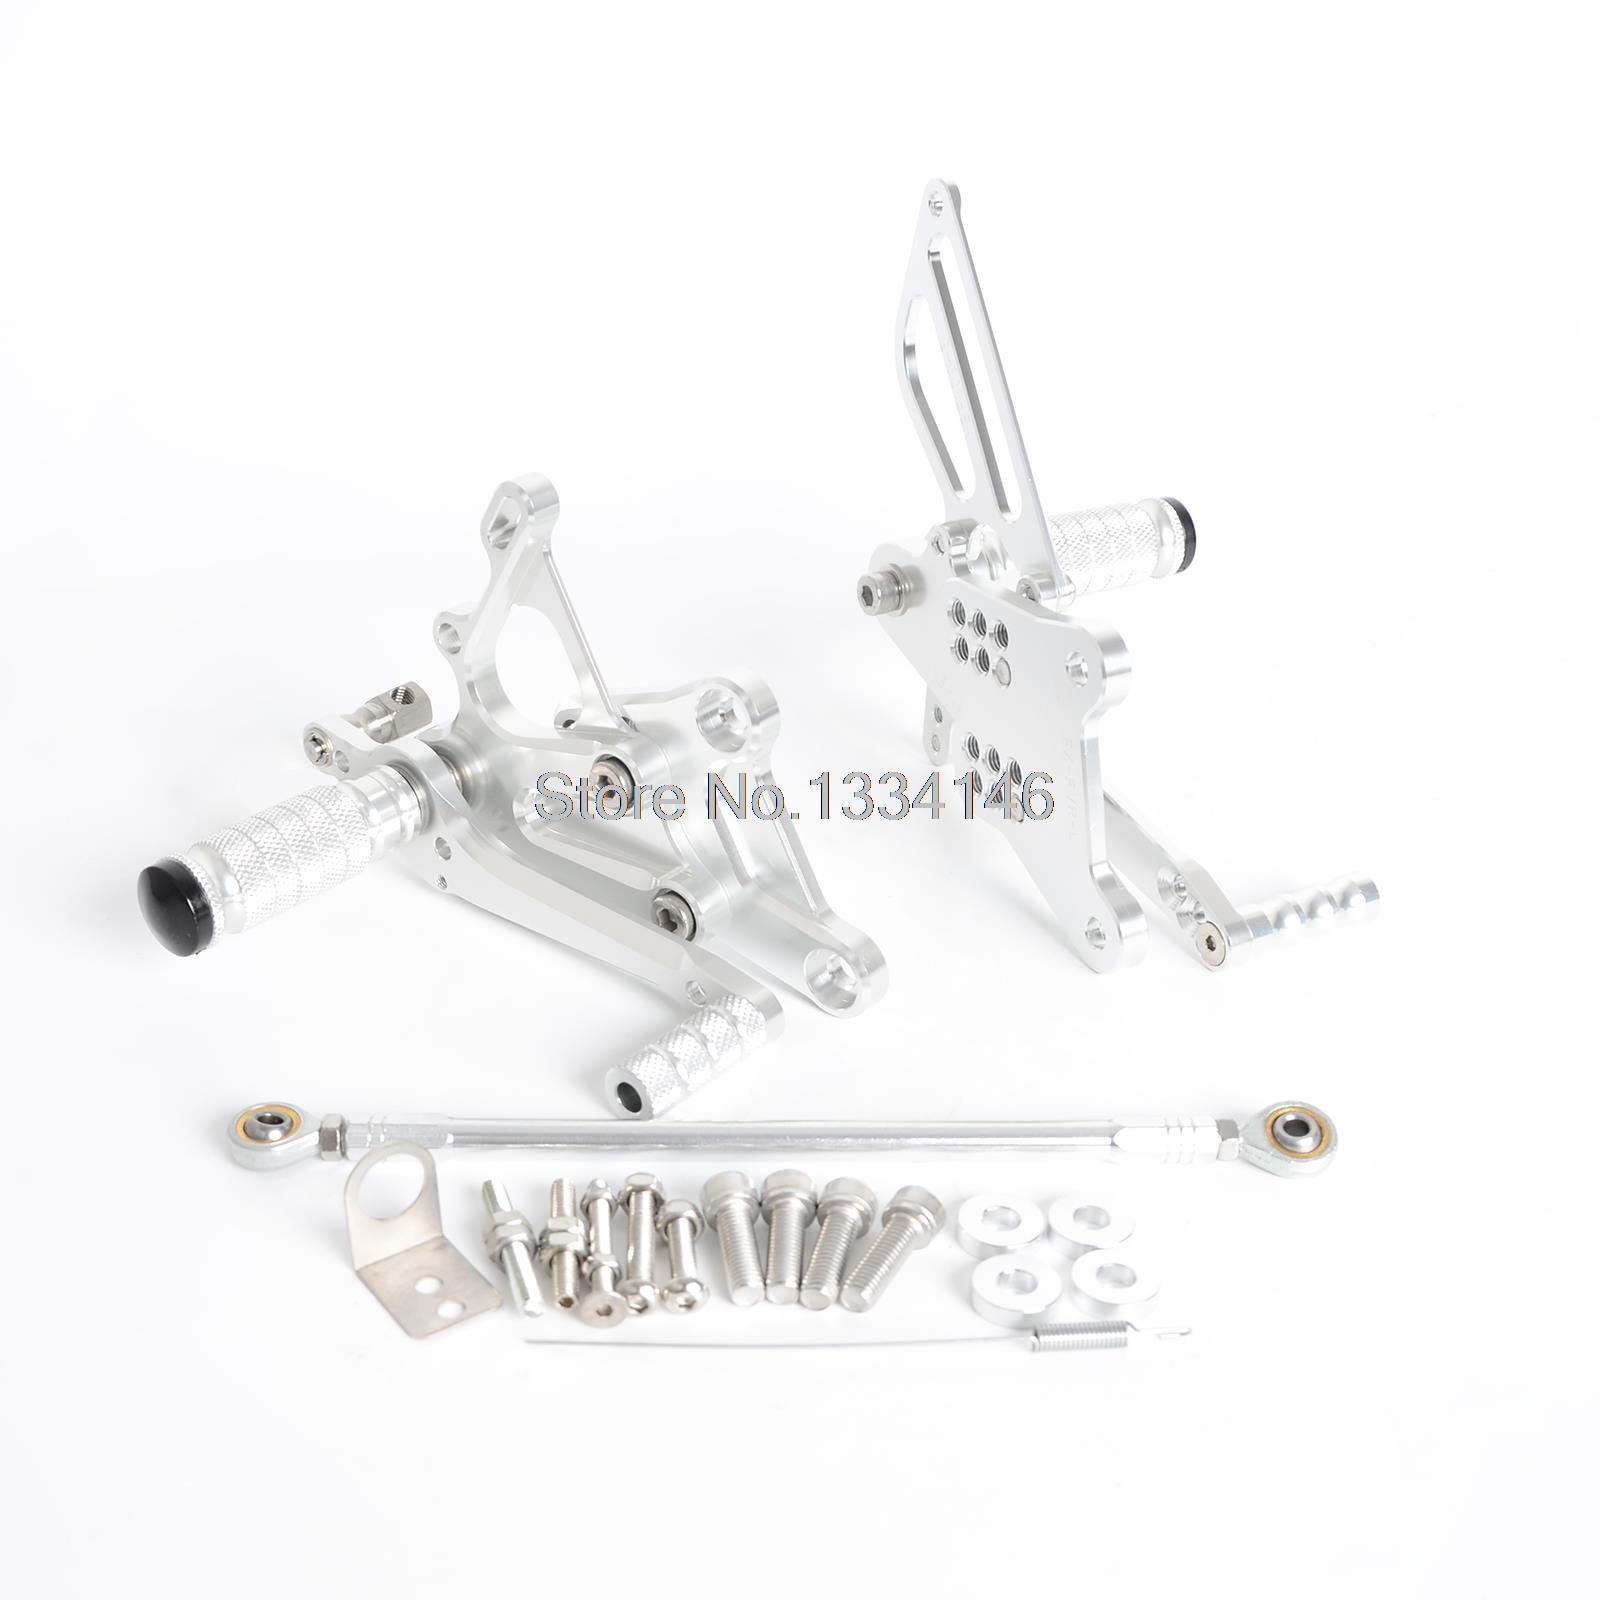 Серебро с ЧПУ заготовка гонки Регулируемая подножки задний устанавливает для Honda VFR400 NC30 RVF400 NC35